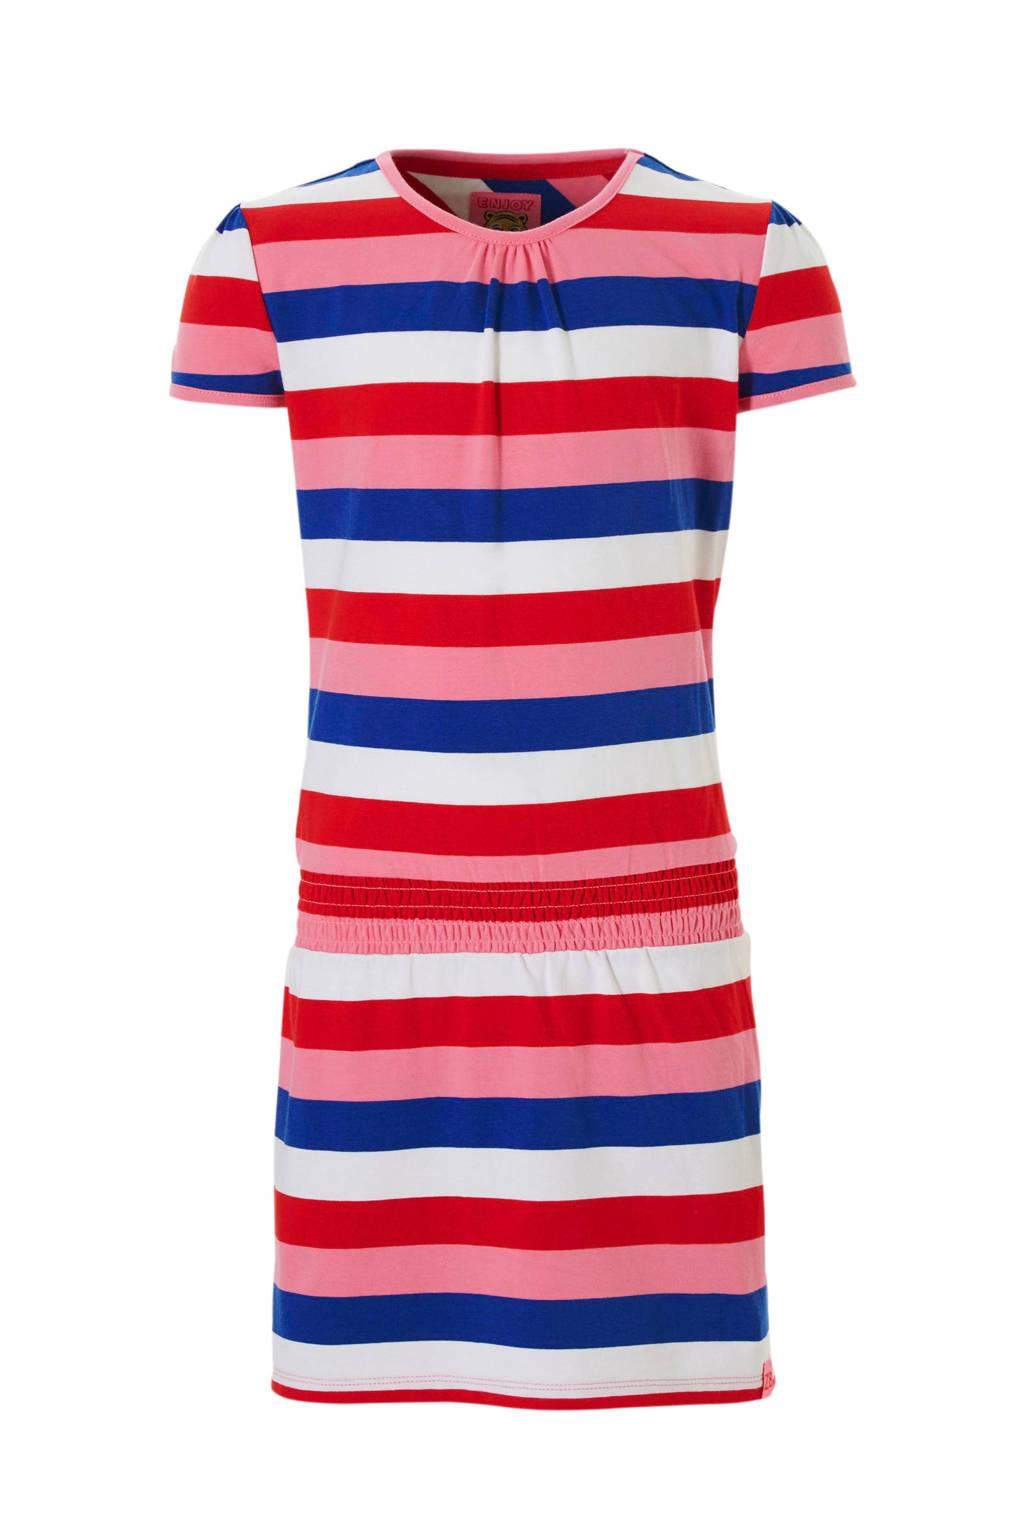 Z8 gestreepte jurk Milou rood, Rood/roze/blauw/wit